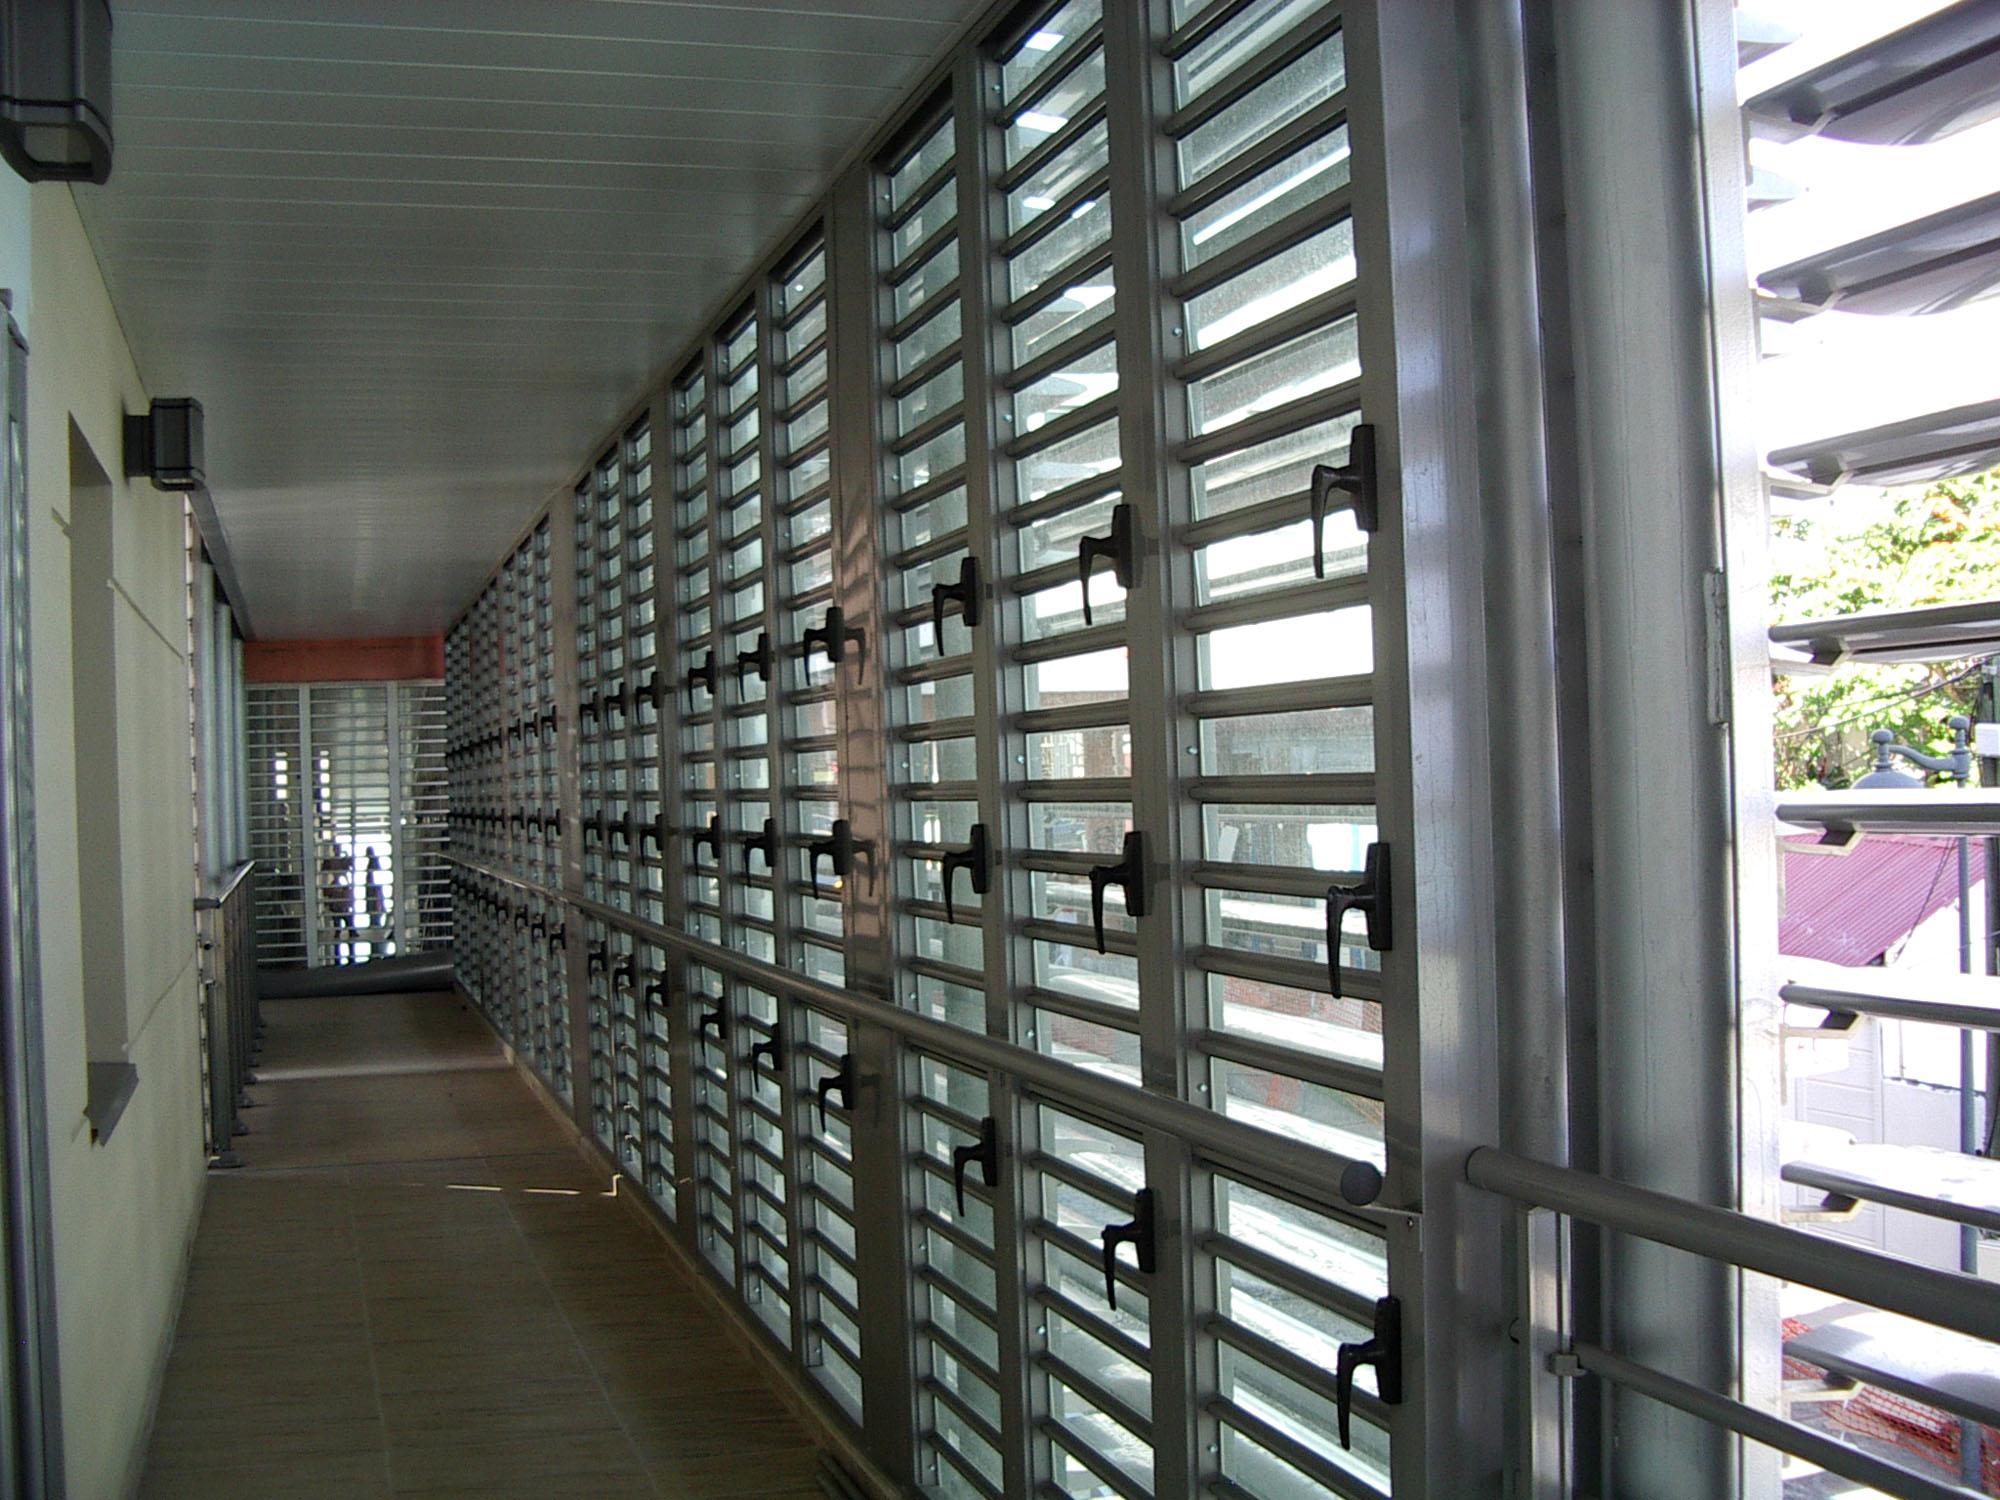 Jx jalousie mixte lames orientables verre et aluminium for Fenetre jalousie verre